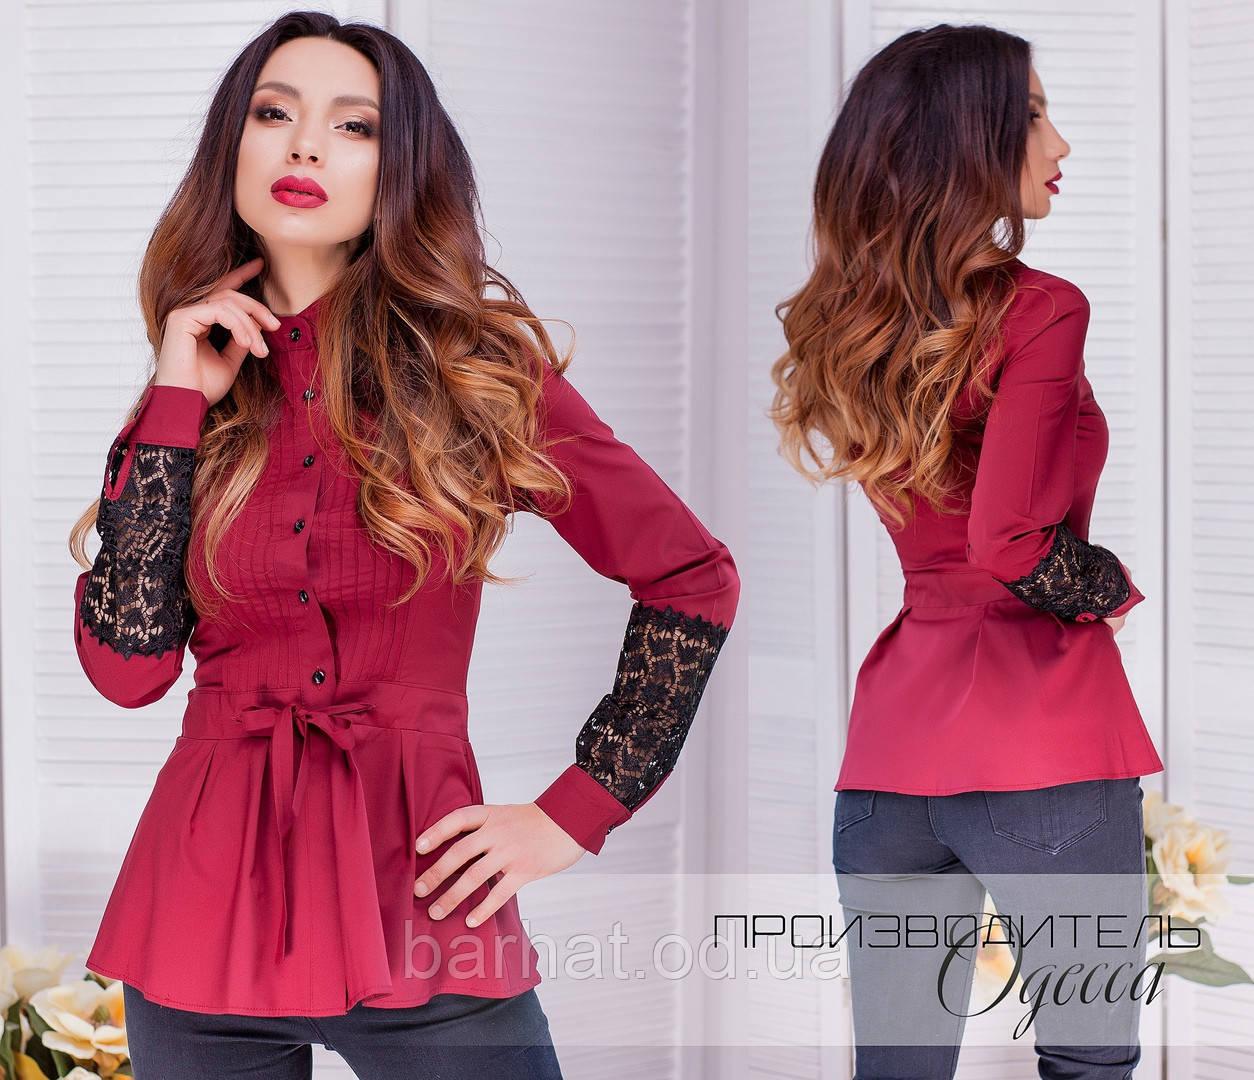 Блузка с баска бордового цвета 42,44,46,48  р.